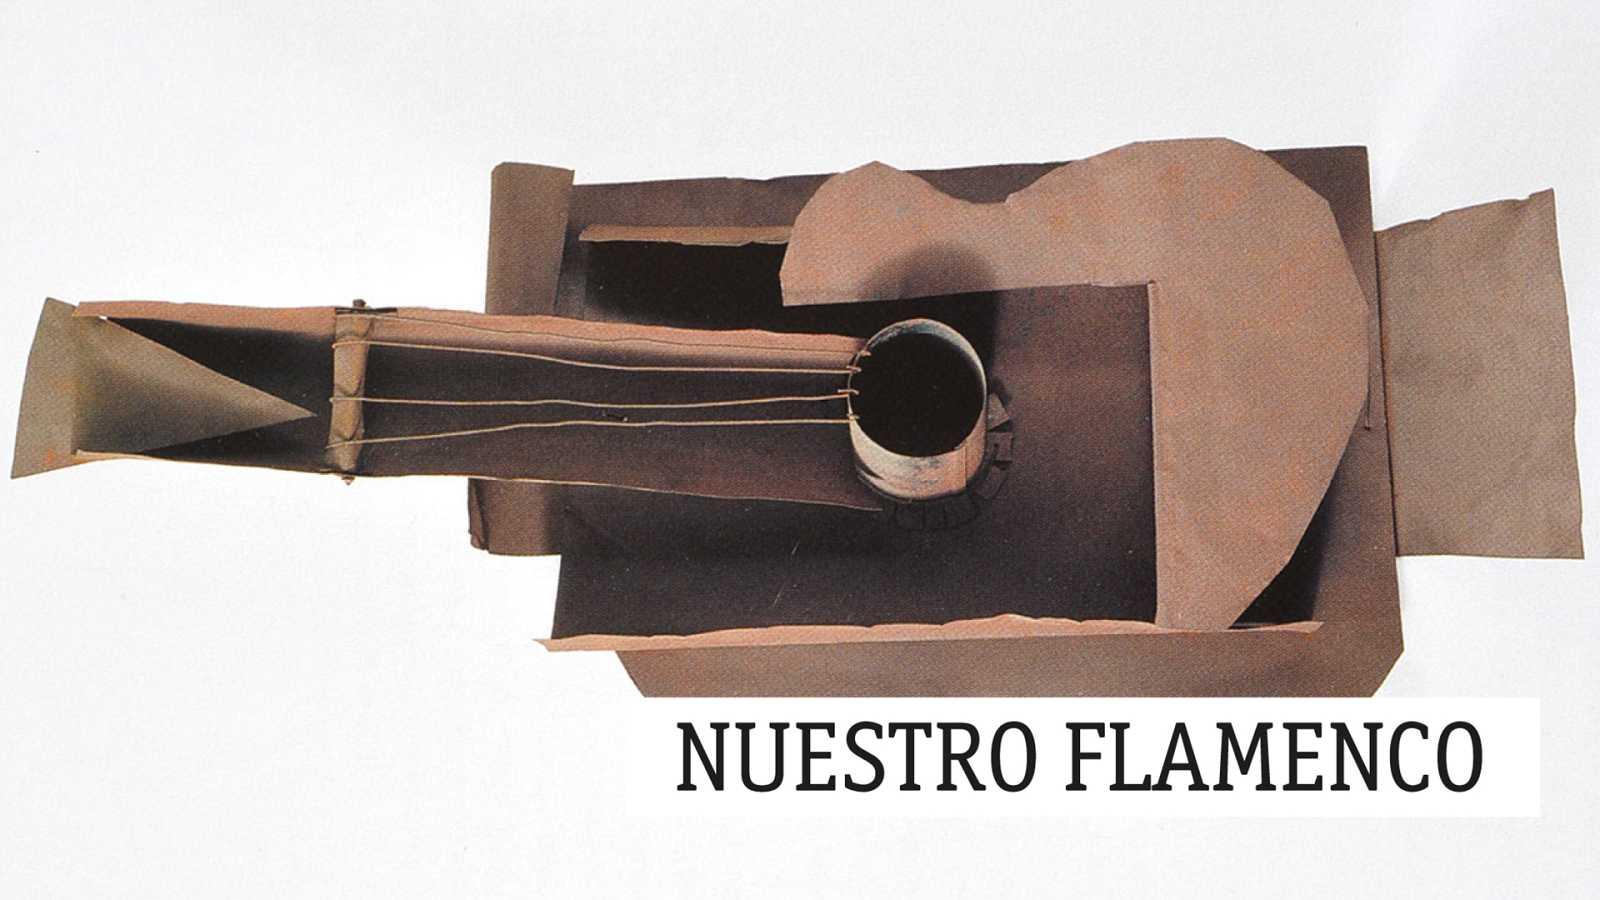 Nuestro flamenco - El Archivo del Cante Flamenco - 22/10/20 - escuchar ahora